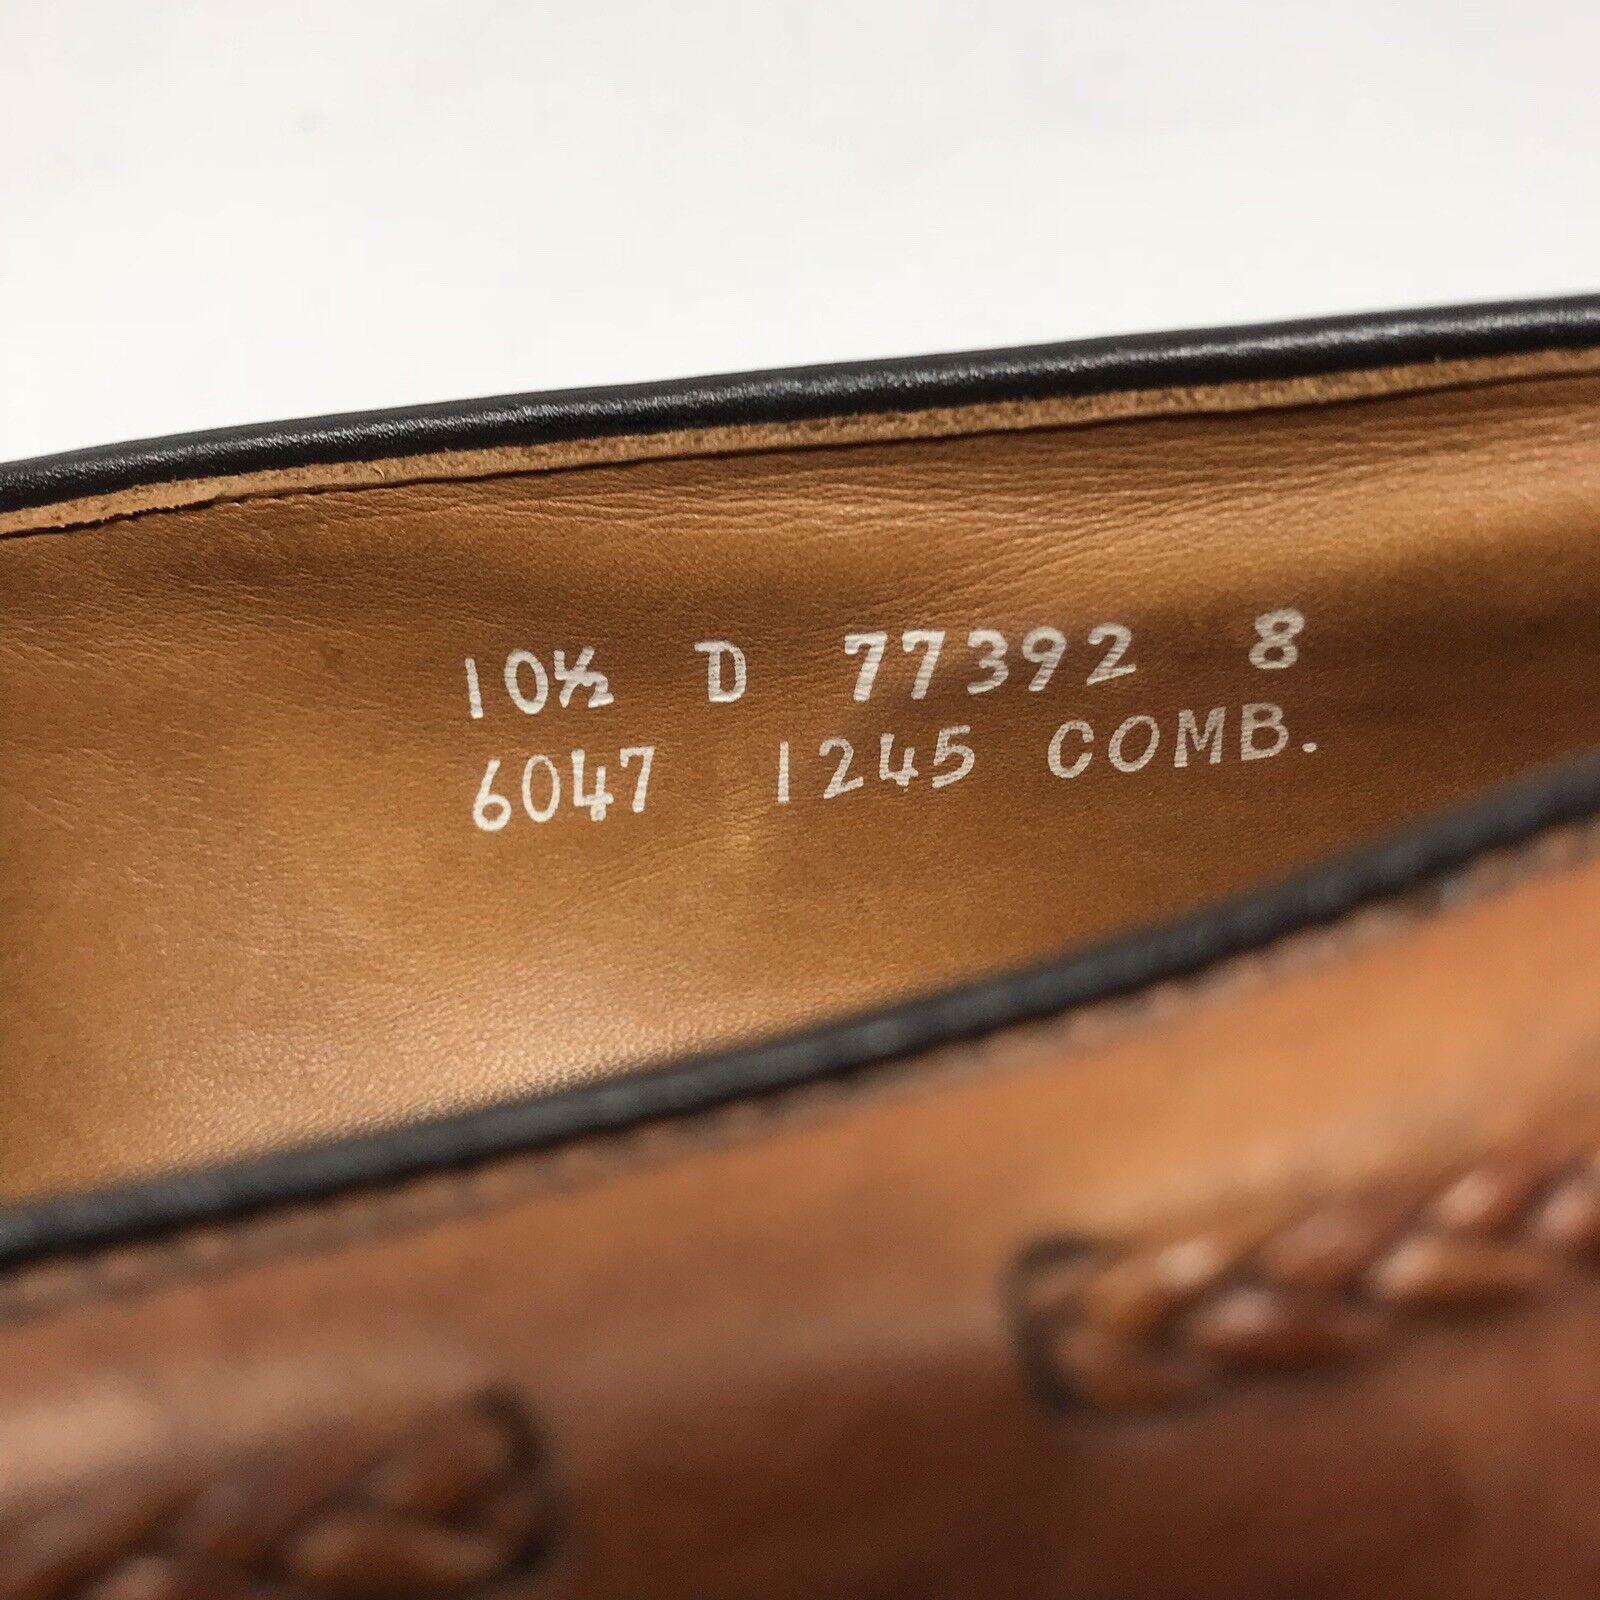 Allen Edmonds Bradenton braun braun braun Leather Tassel Kiltie Brogue Loafers schuhe 10.5 4140eb